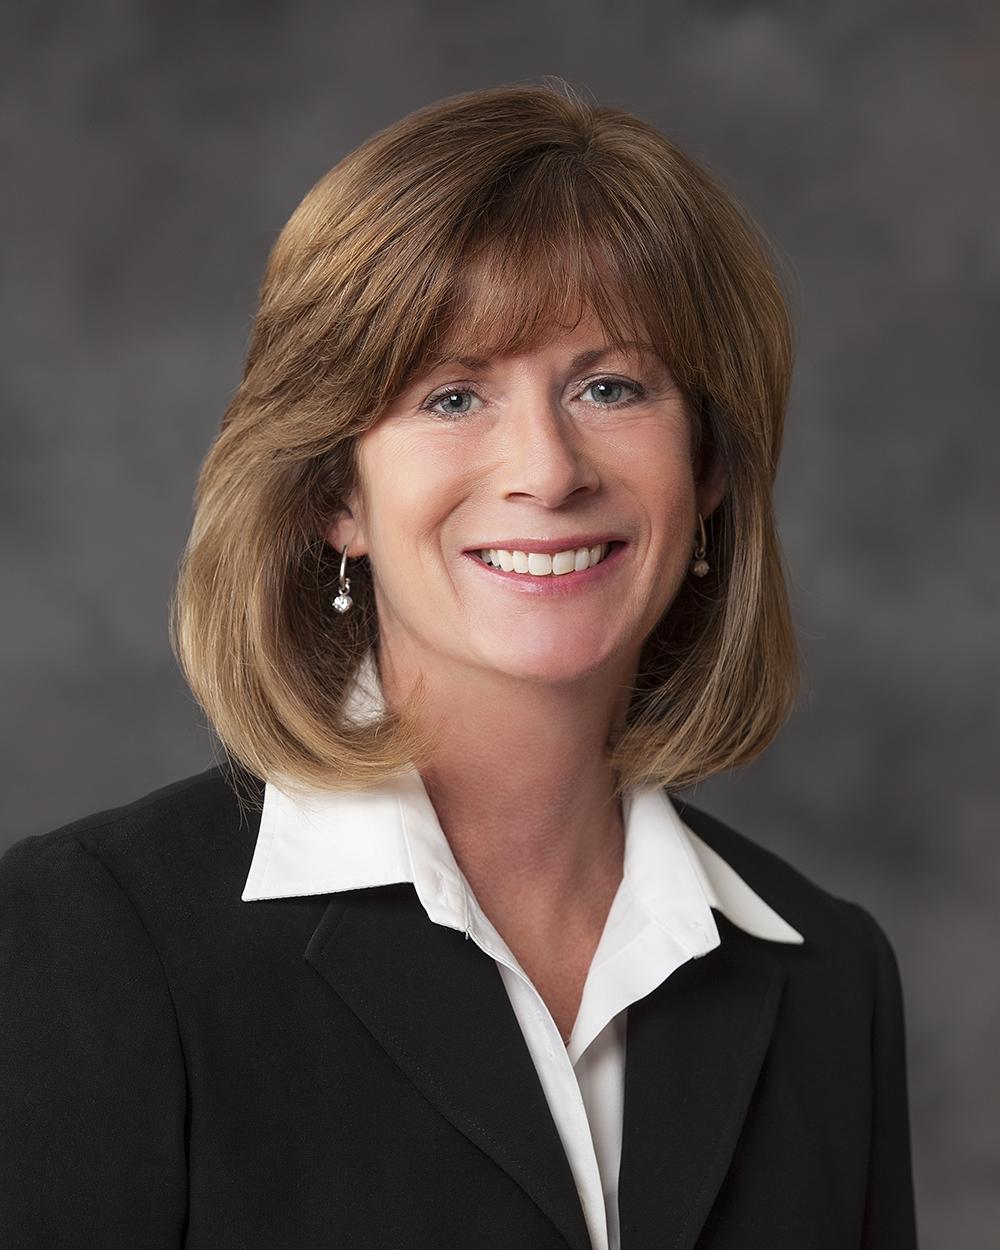 Kathy Healy Realtor